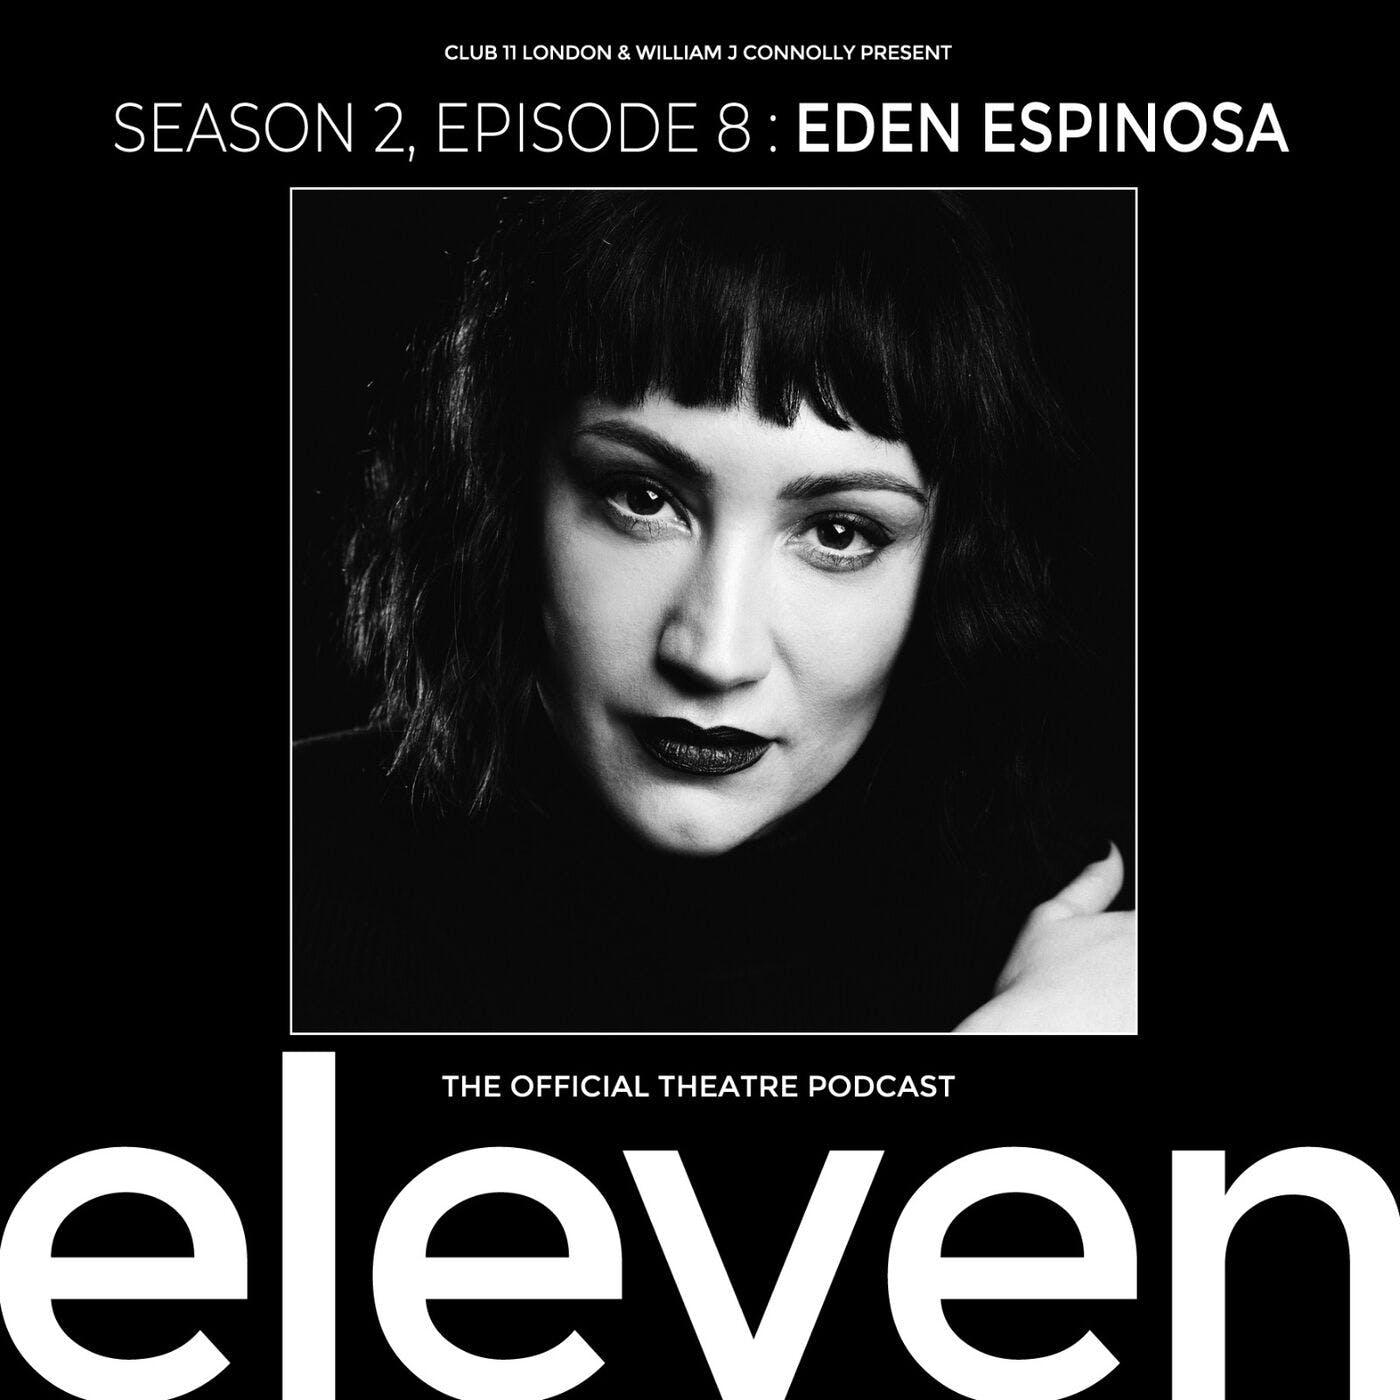 S2 Ep8: Eden Espinosa